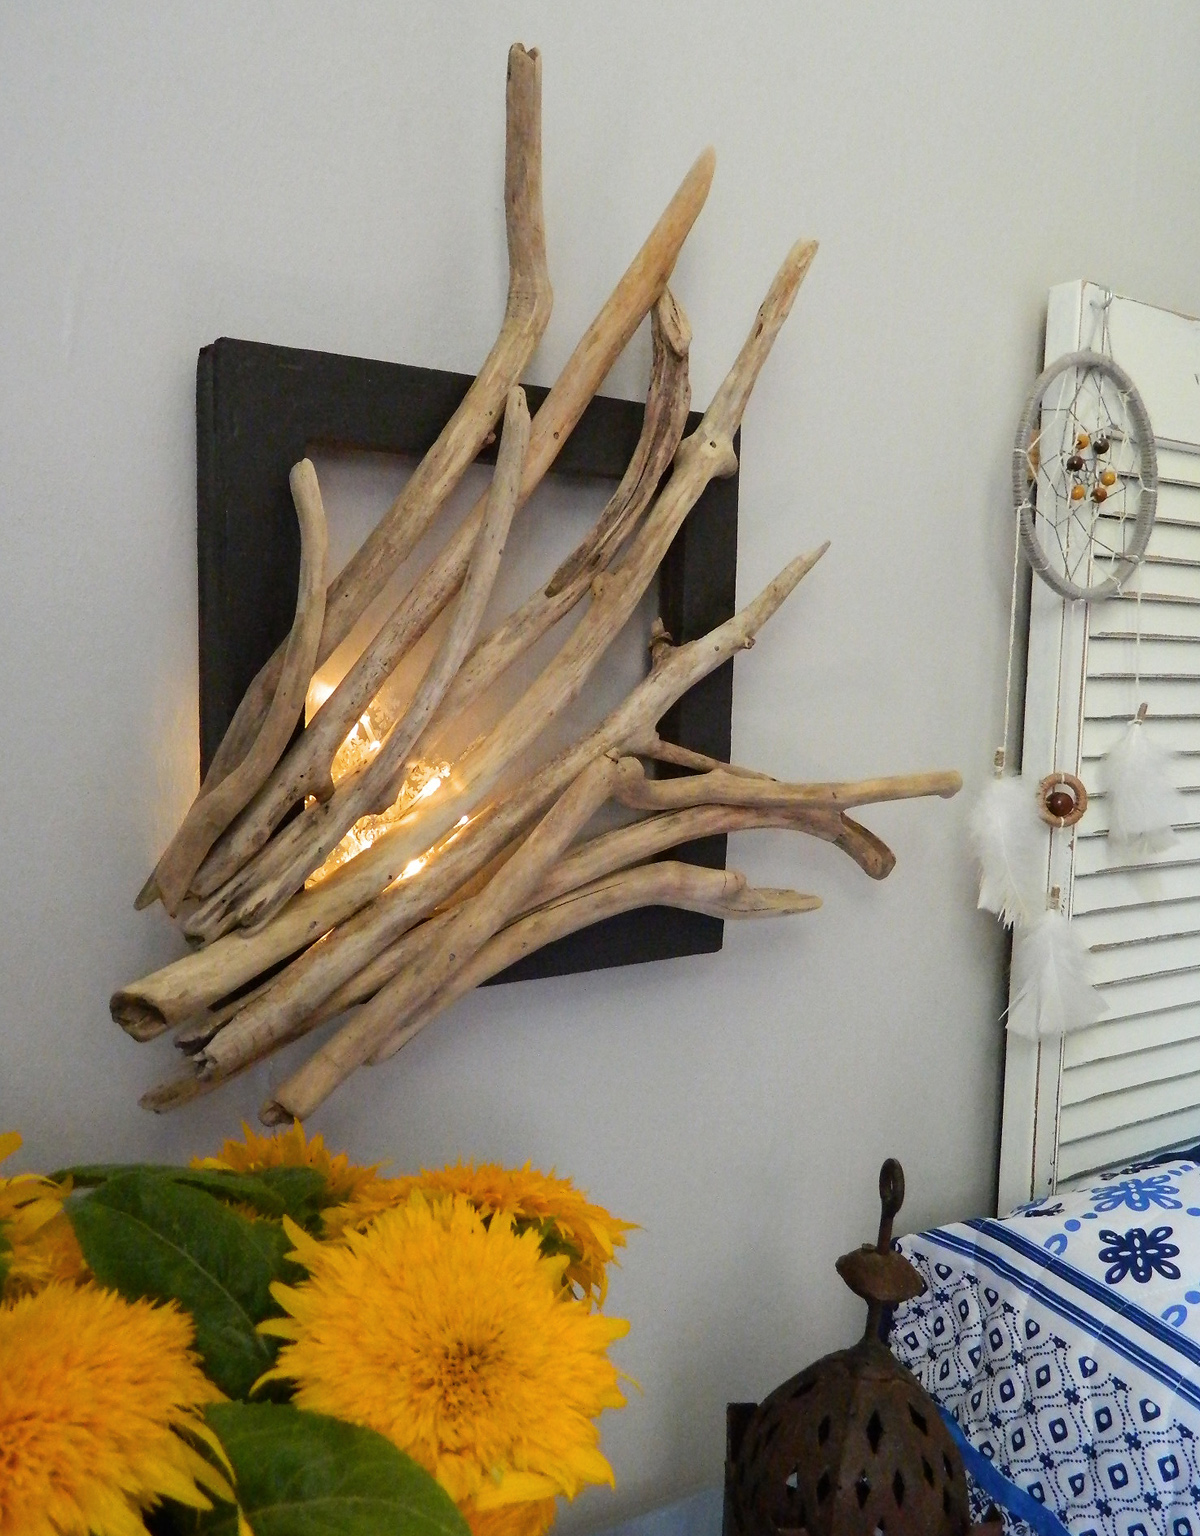 cadre d co bois flott au fil de l 39 eau bois flott. Black Bedroom Furniture Sets. Home Design Ideas